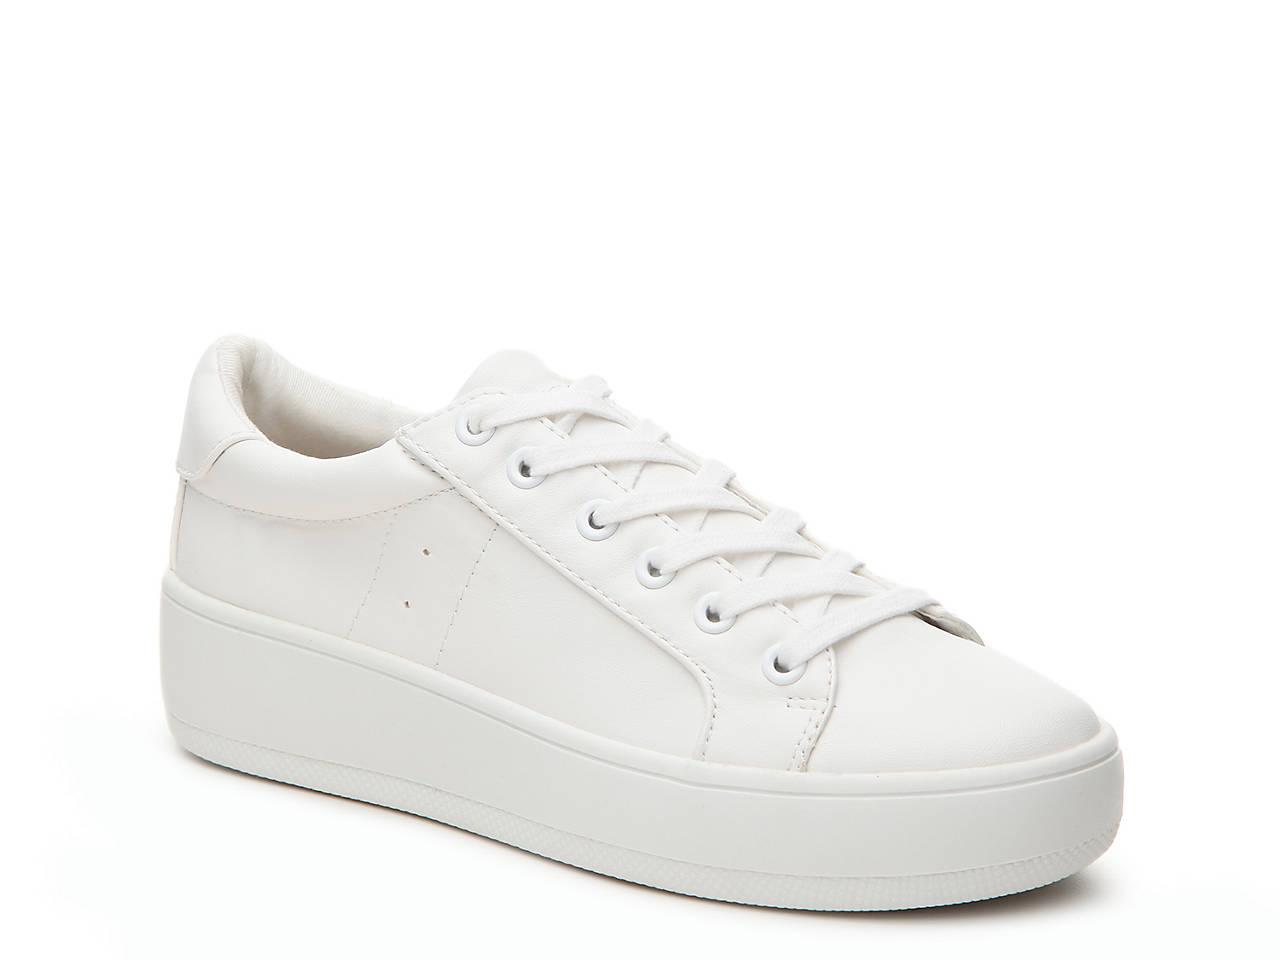 01f1a7ddfe3 Steve Madden Bertie Platform Sneaker Women s Shoes